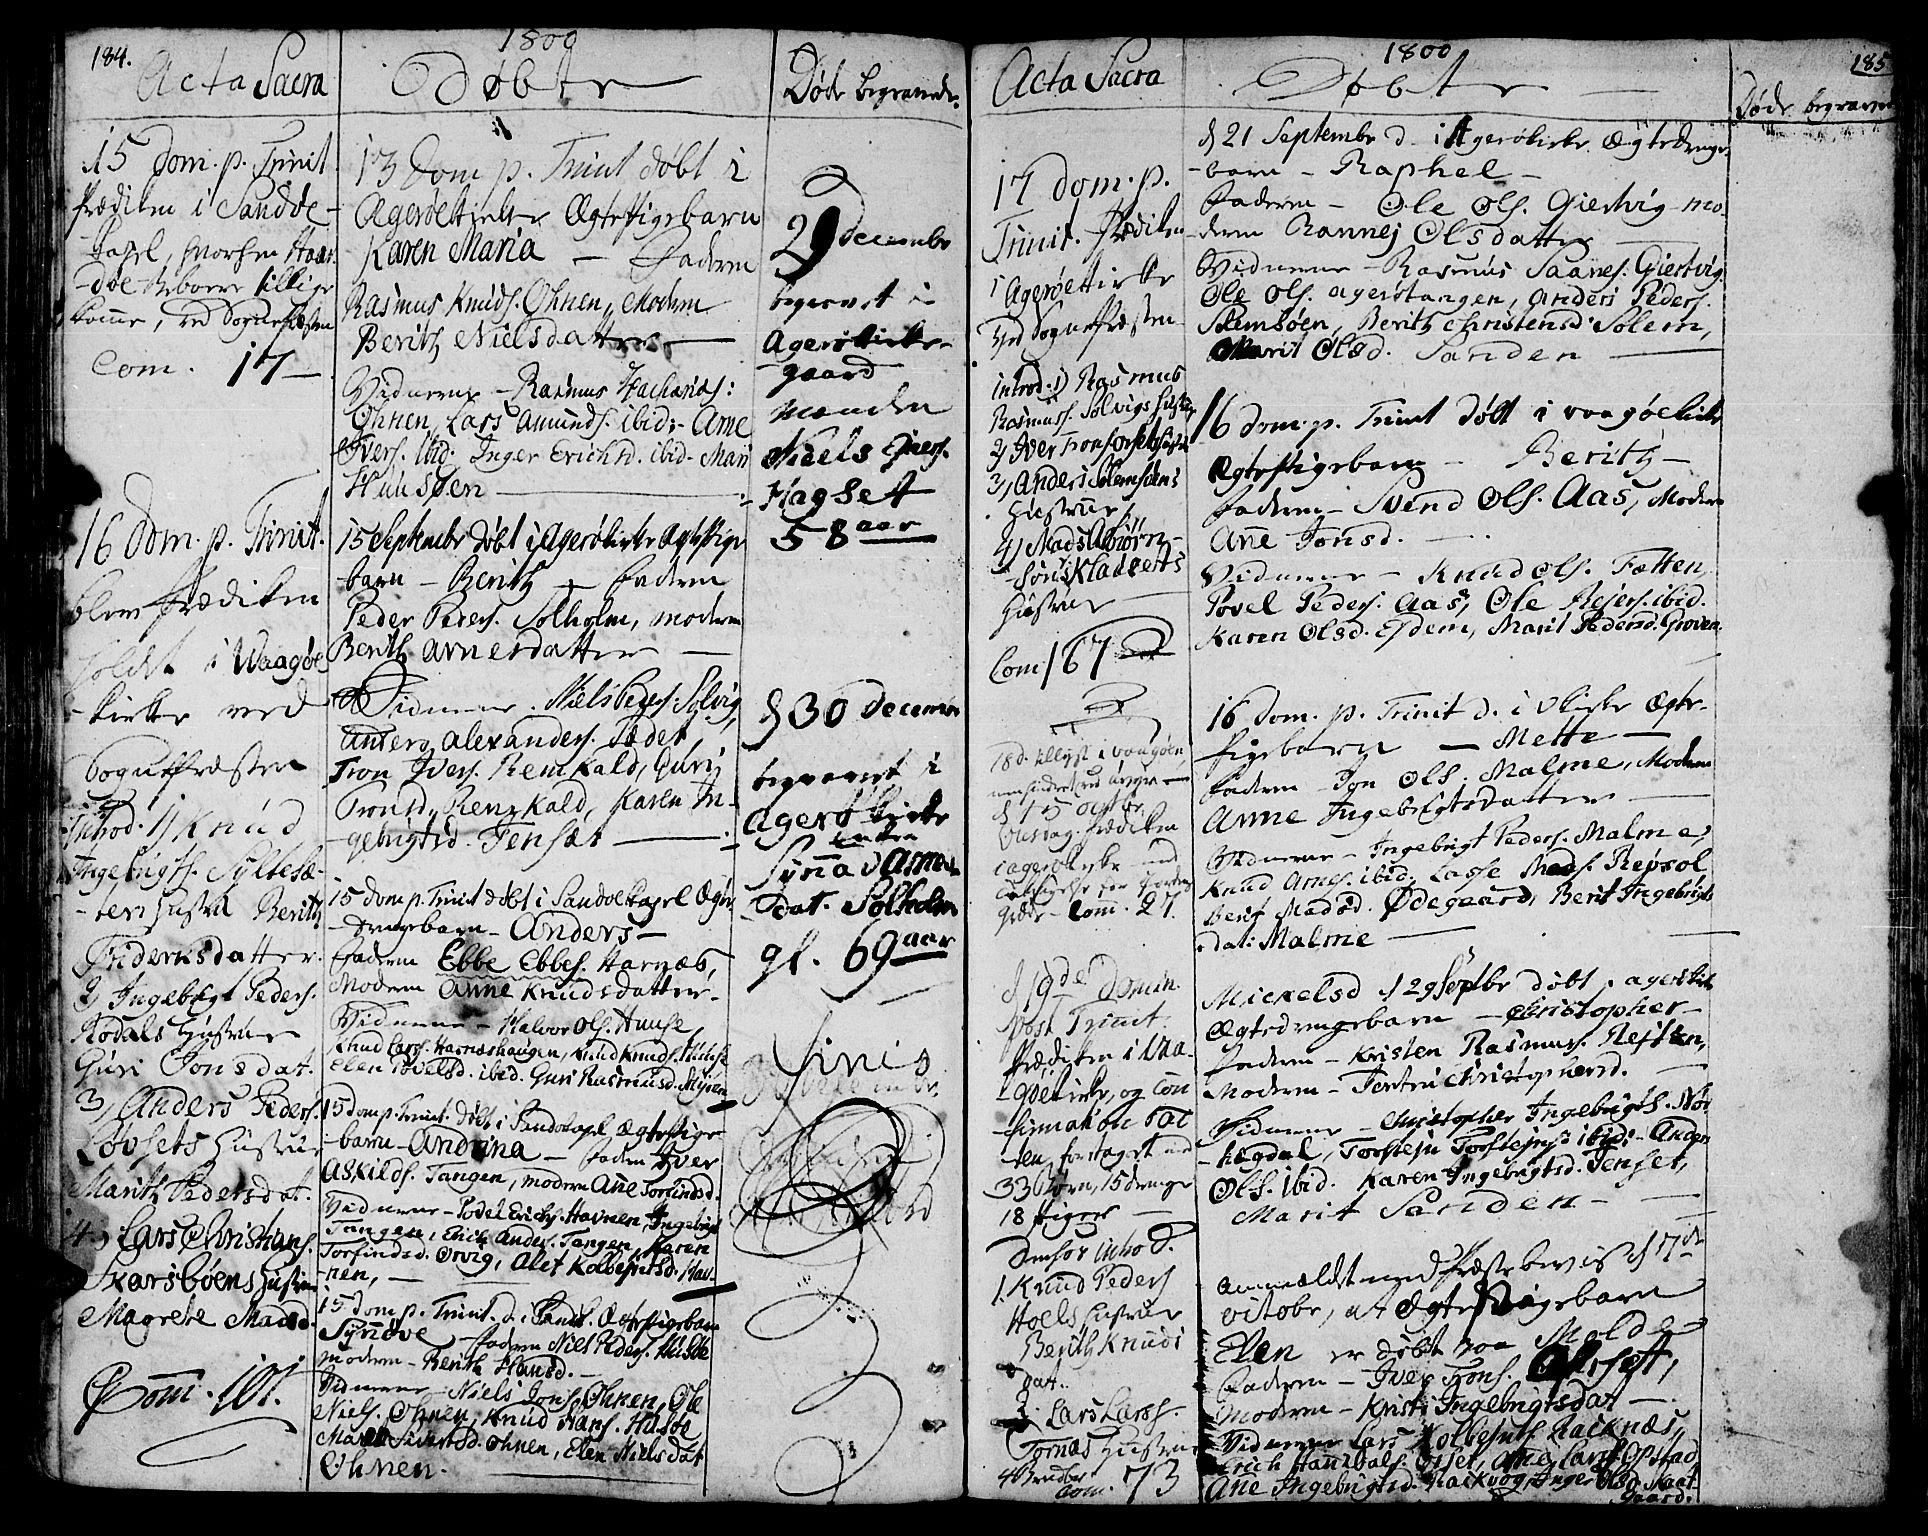 SAT, Ministerialprotokoller, klokkerbøker og fødselsregistre - Møre og Romsdal, 560/L0717: Ministerialbok nr. 560A01, 1785-1808, s. 184-185